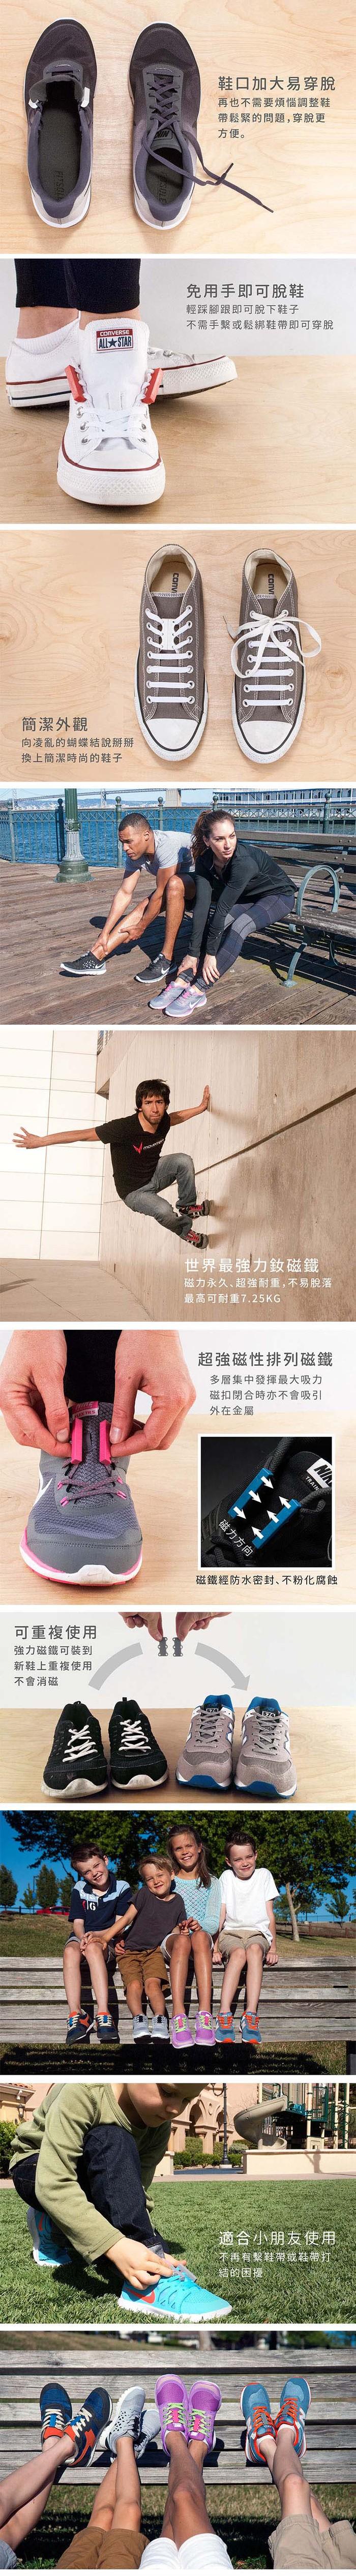 美國 Zubits| 強磁鞋帶扣 1 號 - 鉛灰